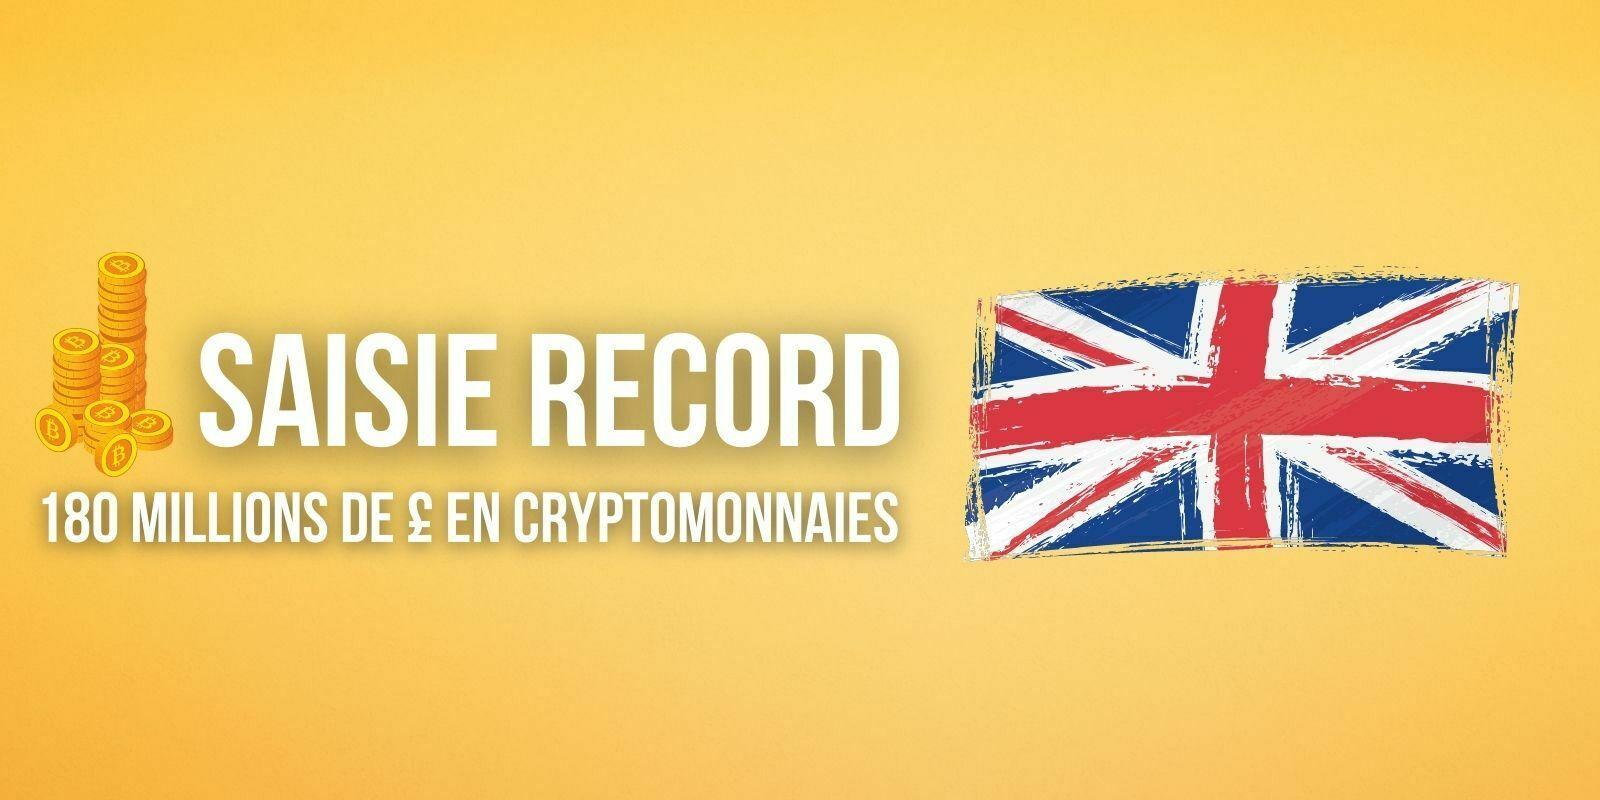 La police britannique saisit 180 millions de livres sterling en cryptomonnaies, un nouveau record